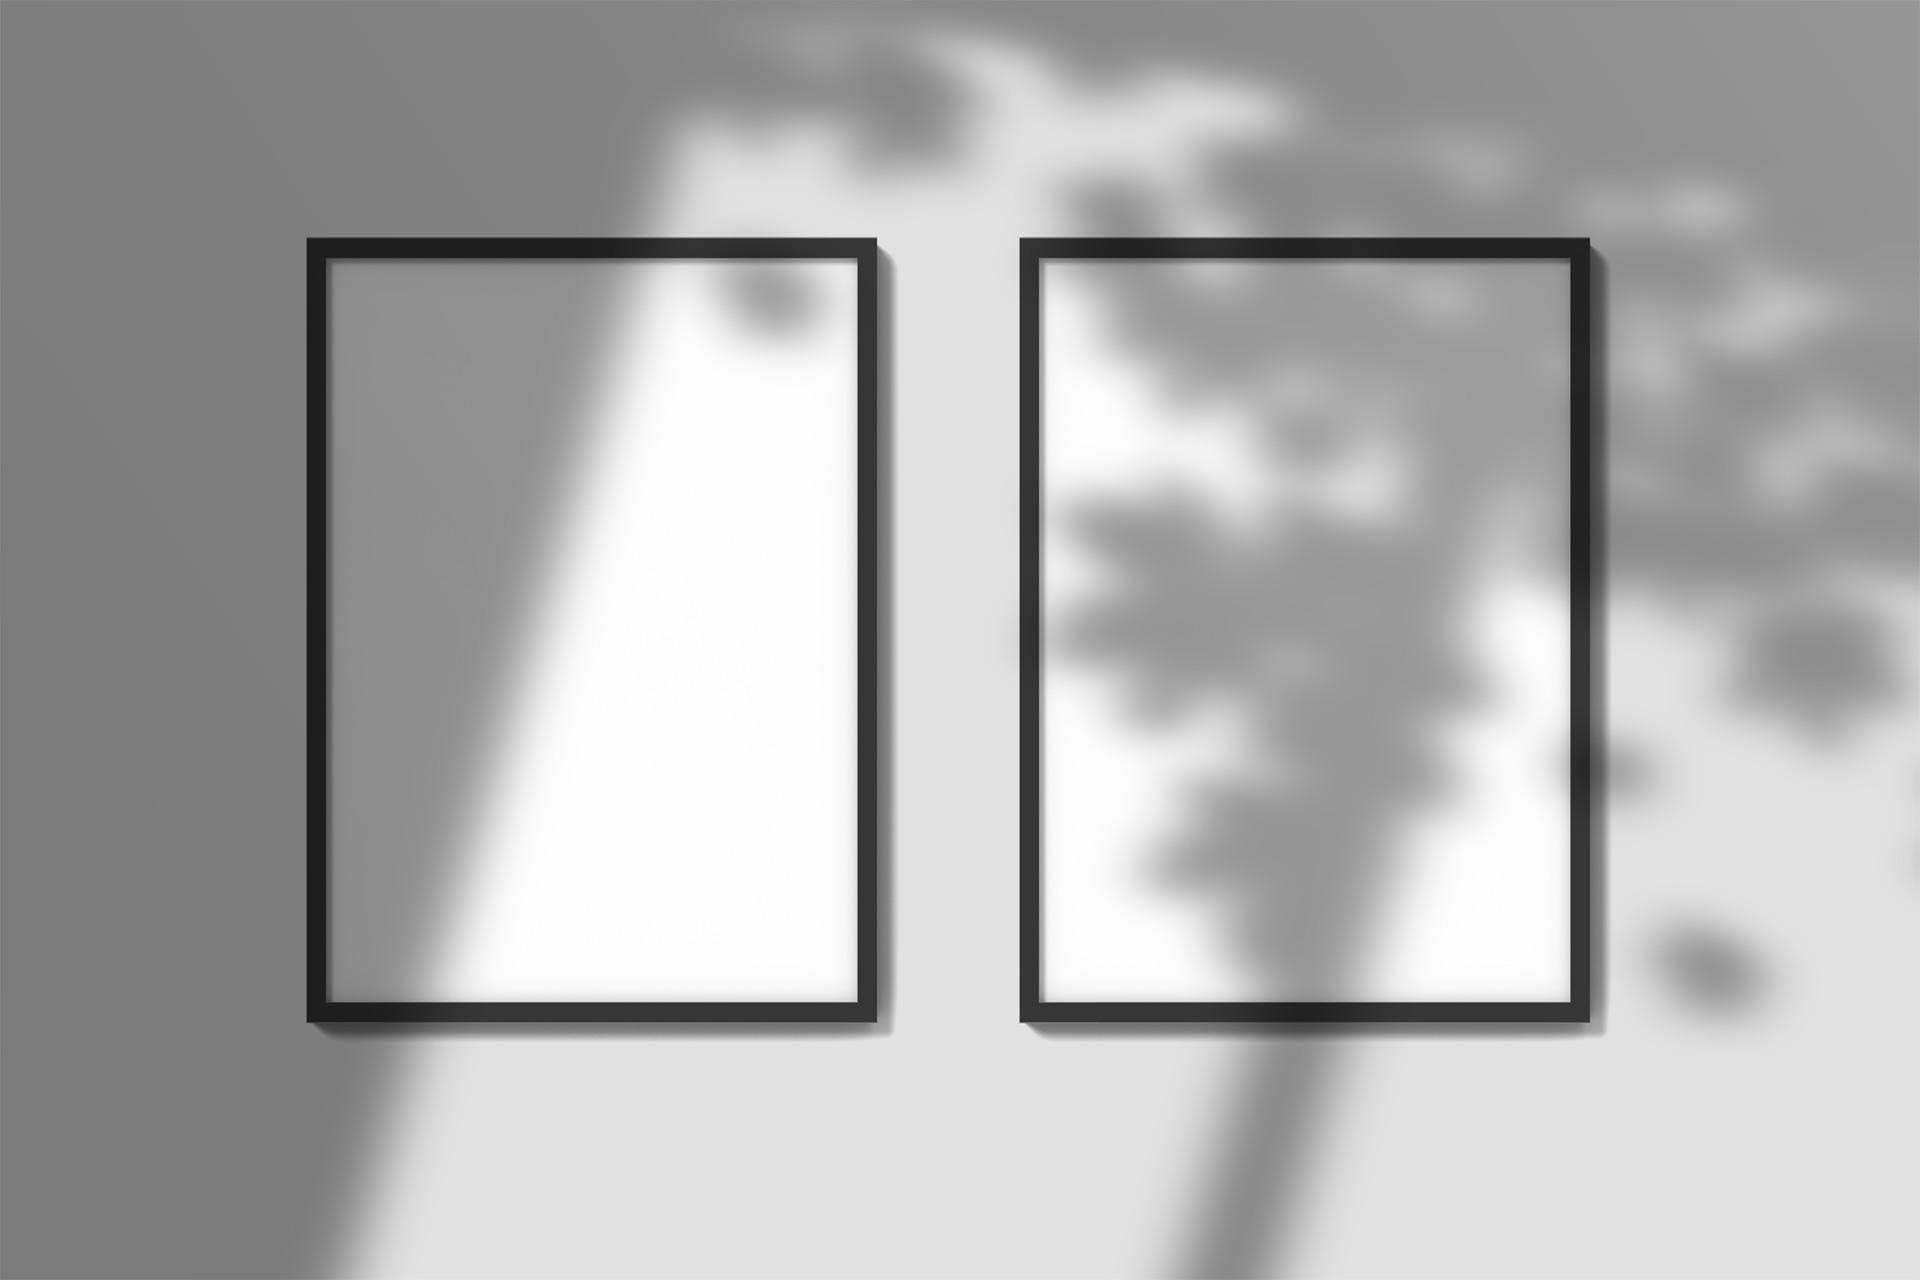 układ dwóch ramek na ścianie